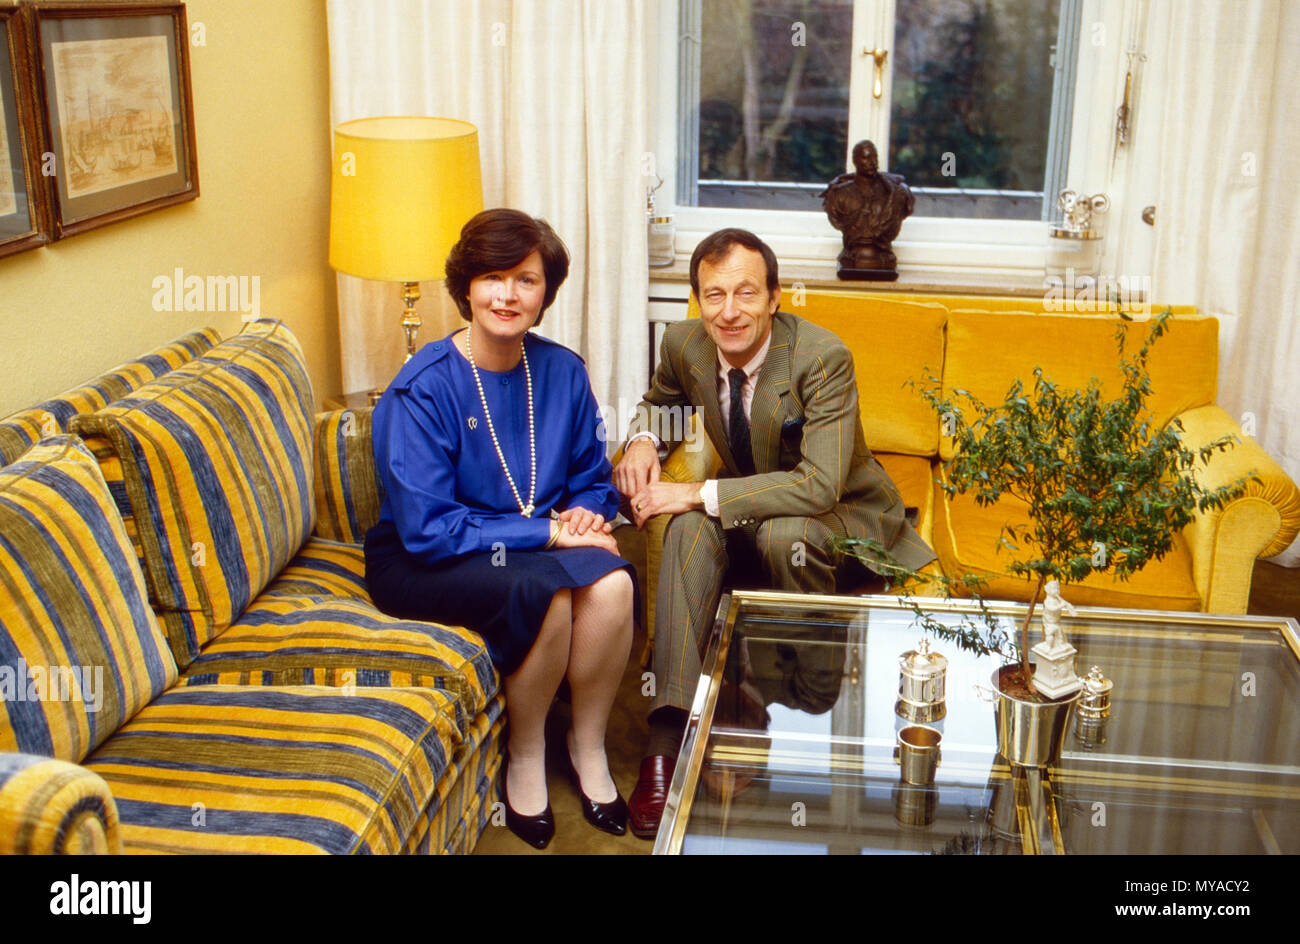 Prinz Friedrich Wilhelm Stockfotos & Prinz Friedrich Wilhelm Bilder ...